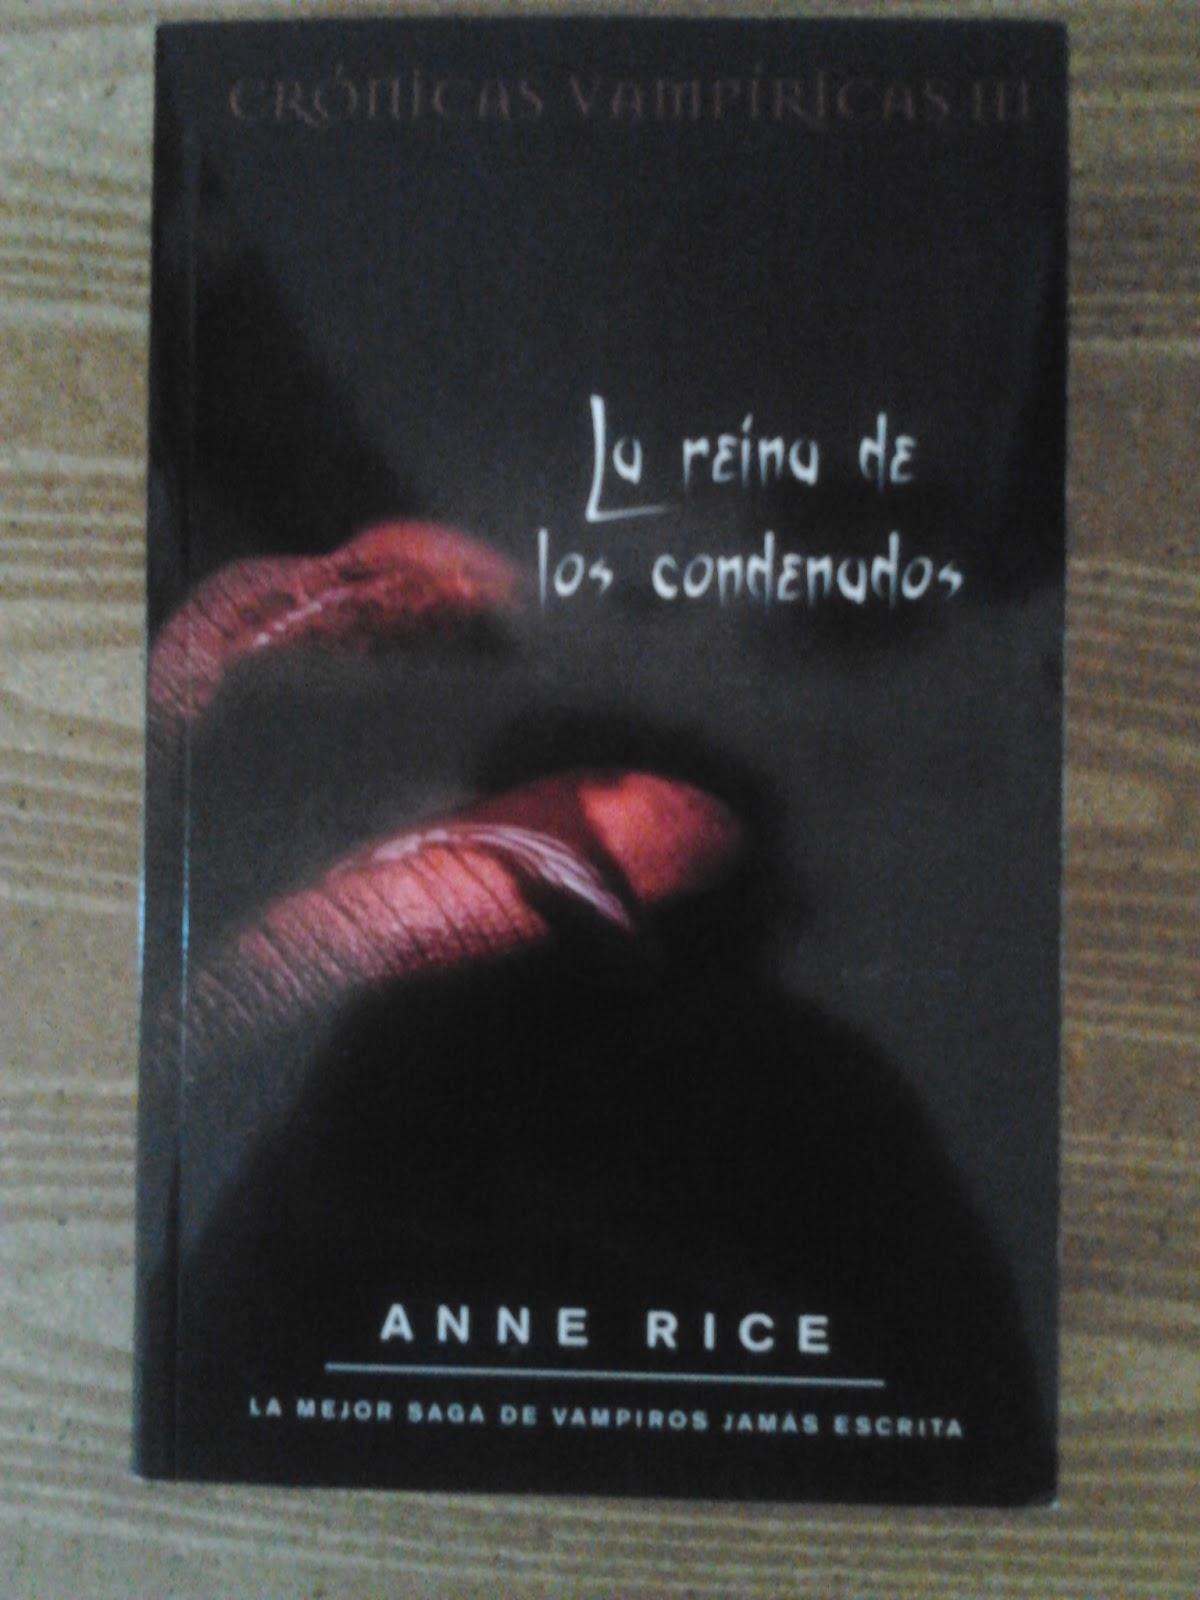 La Reina de los Condenados - Anne Rice